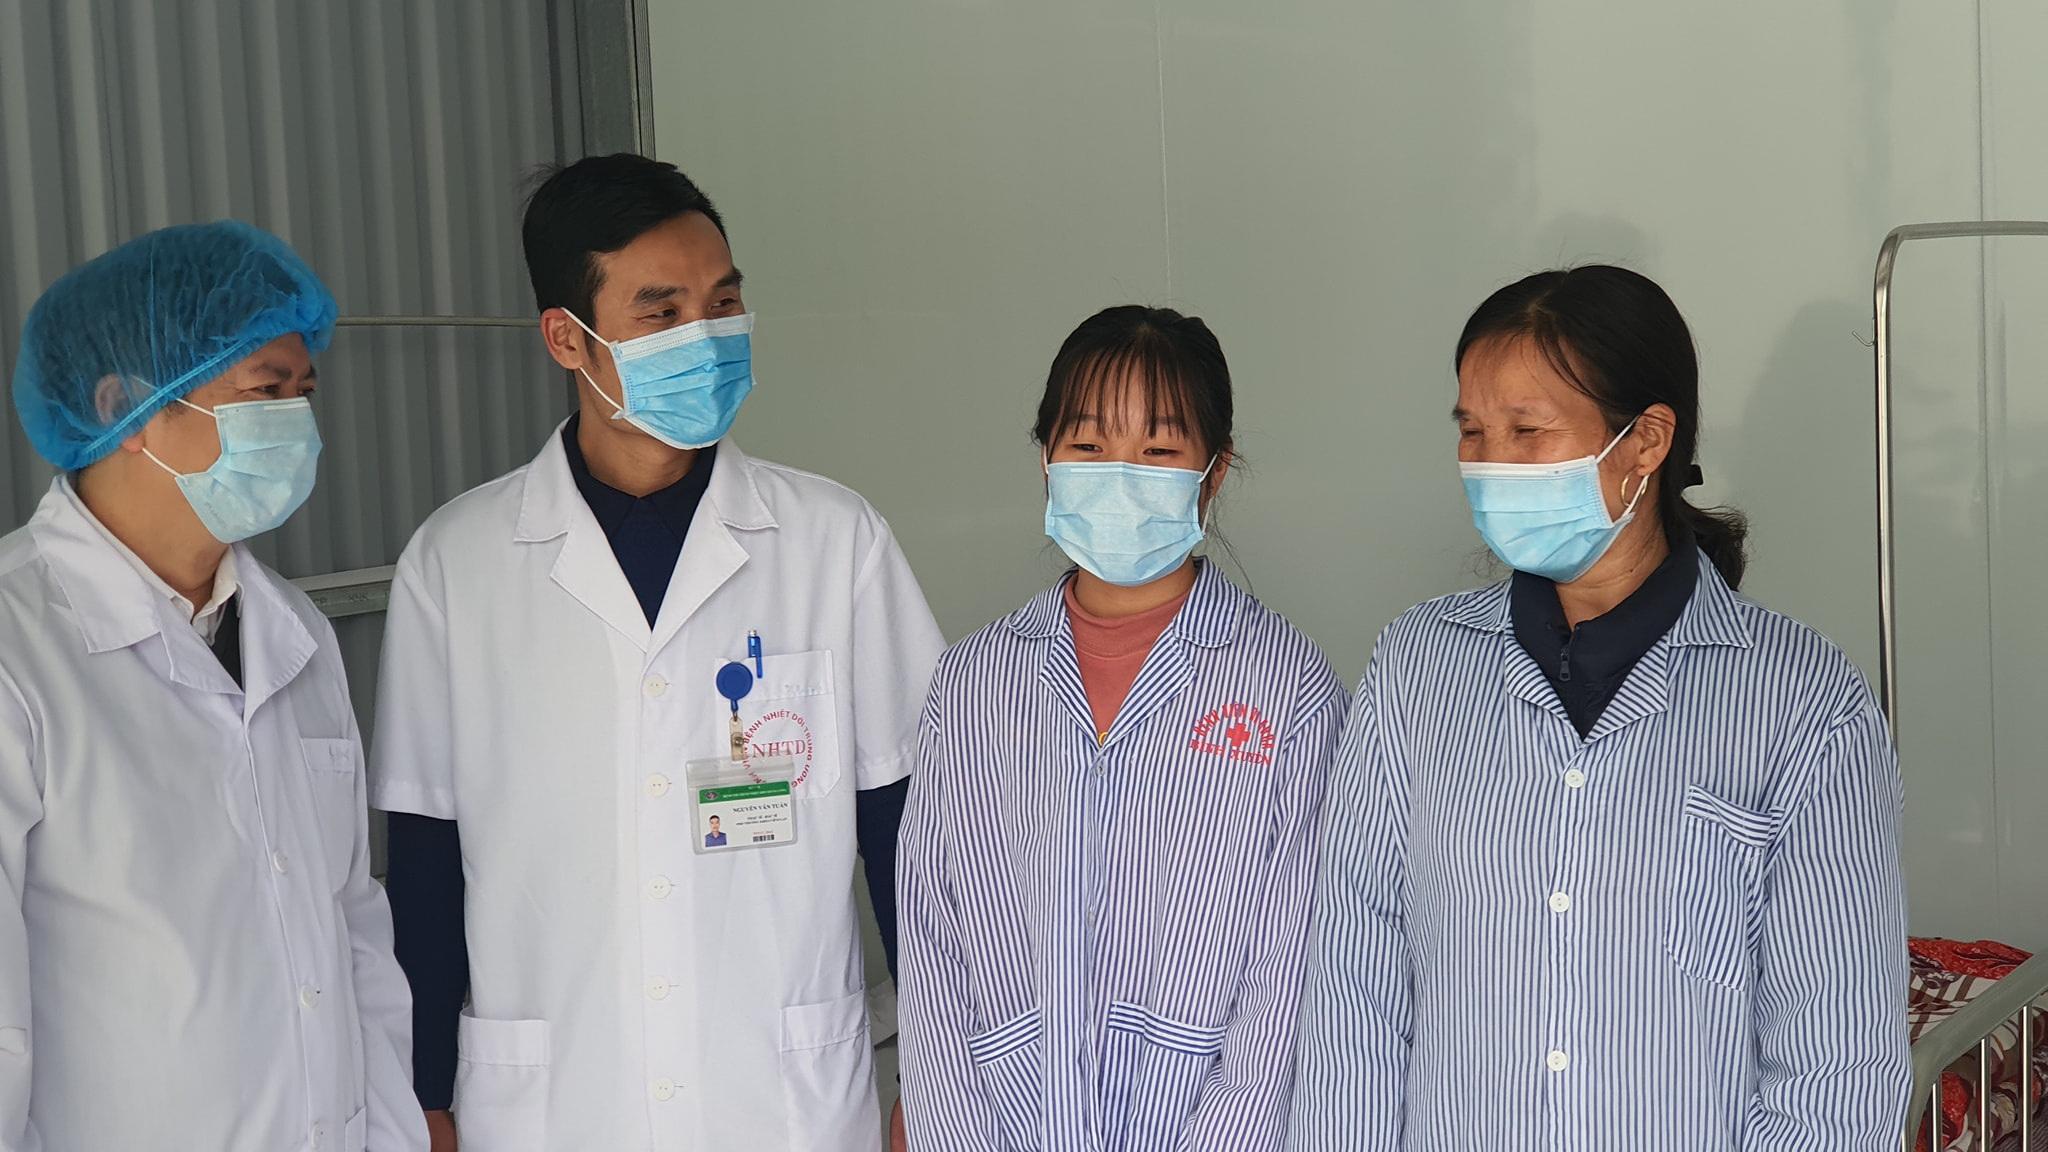 Sáng nay, bệnh nhân nhiễm virus corona cuối cùng ở Việt Nam được xuất viện